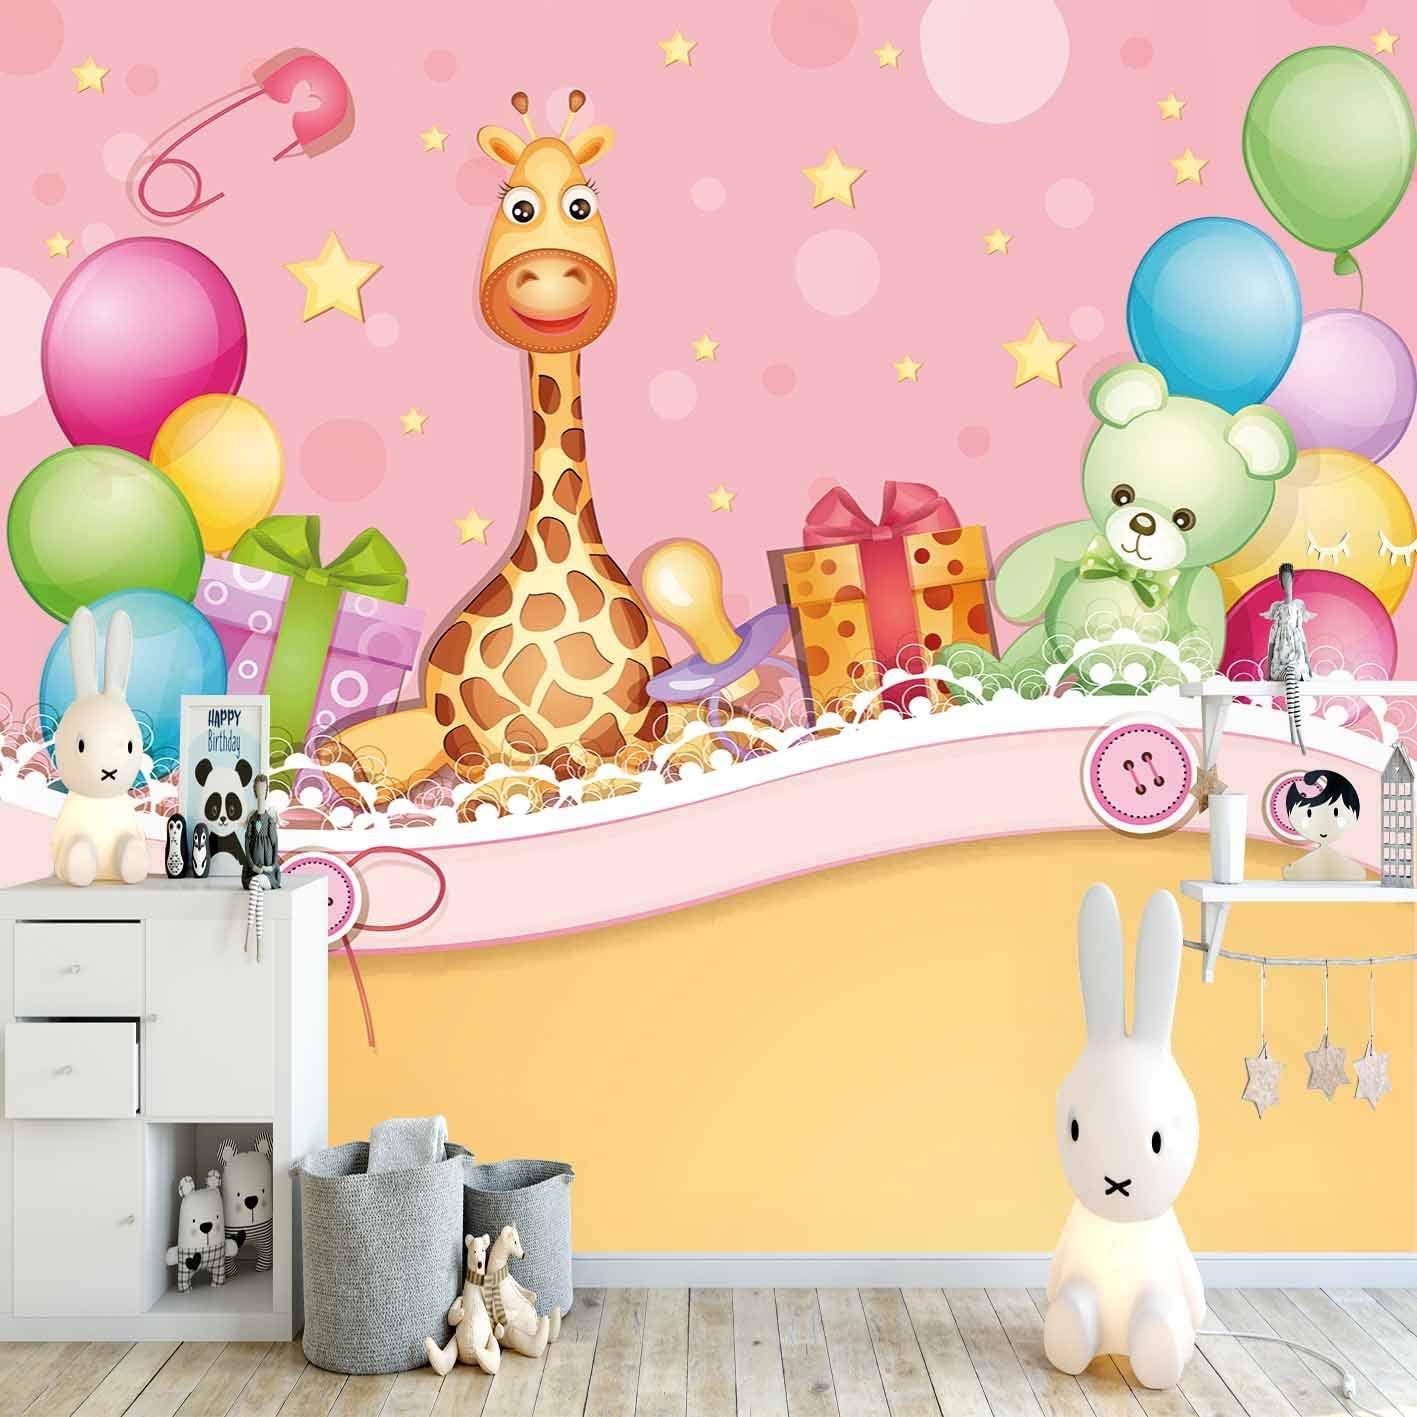 Else Yellow Pink Green Giraffe Ballon Party Bear 3D Print Cartoon Cleanable Fabric Mural Kids Children Room Background Wallpaper